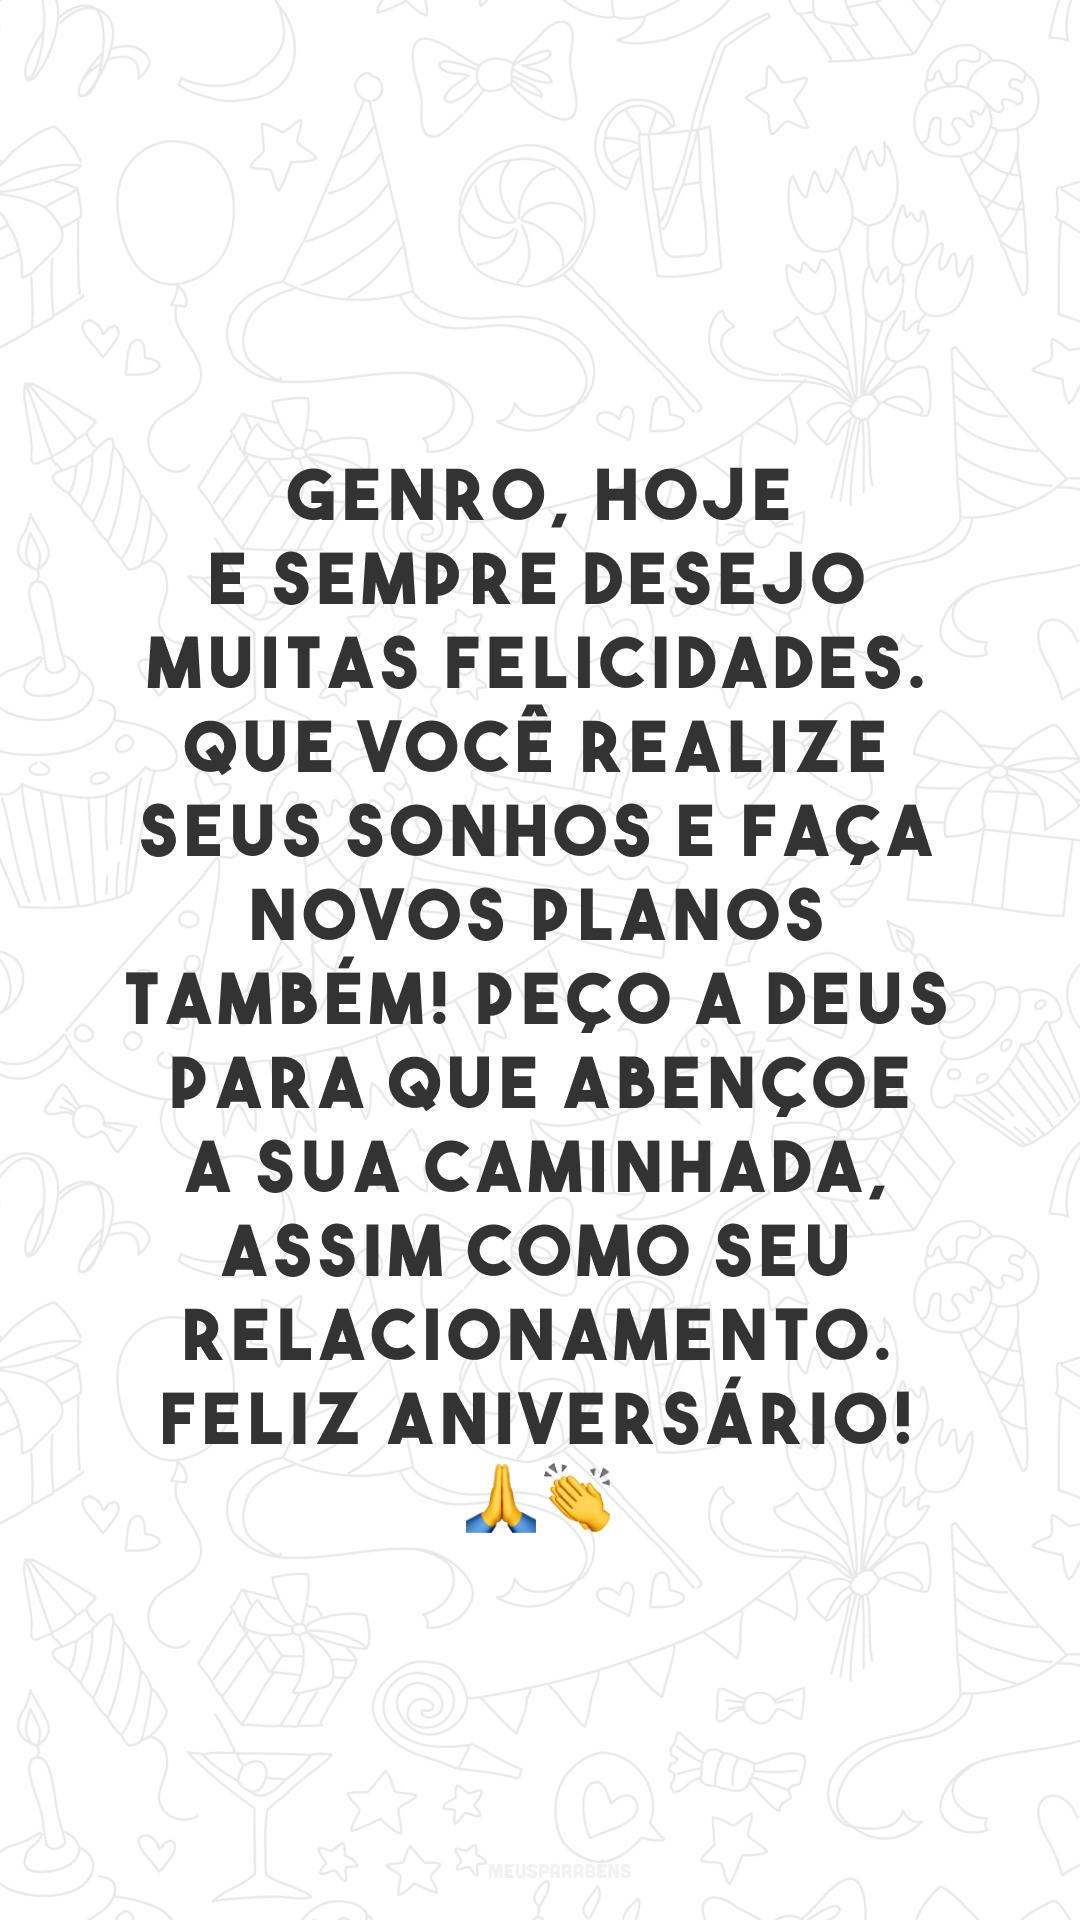 Genro, hoje e sempre desejo muitas felicidades. Que você realize seus sonhos e faça novos planos também! Peço a Deus para que abençoe a sua caminhada, assim como seu relacionamento. Feliz aniversário! 🙏👏